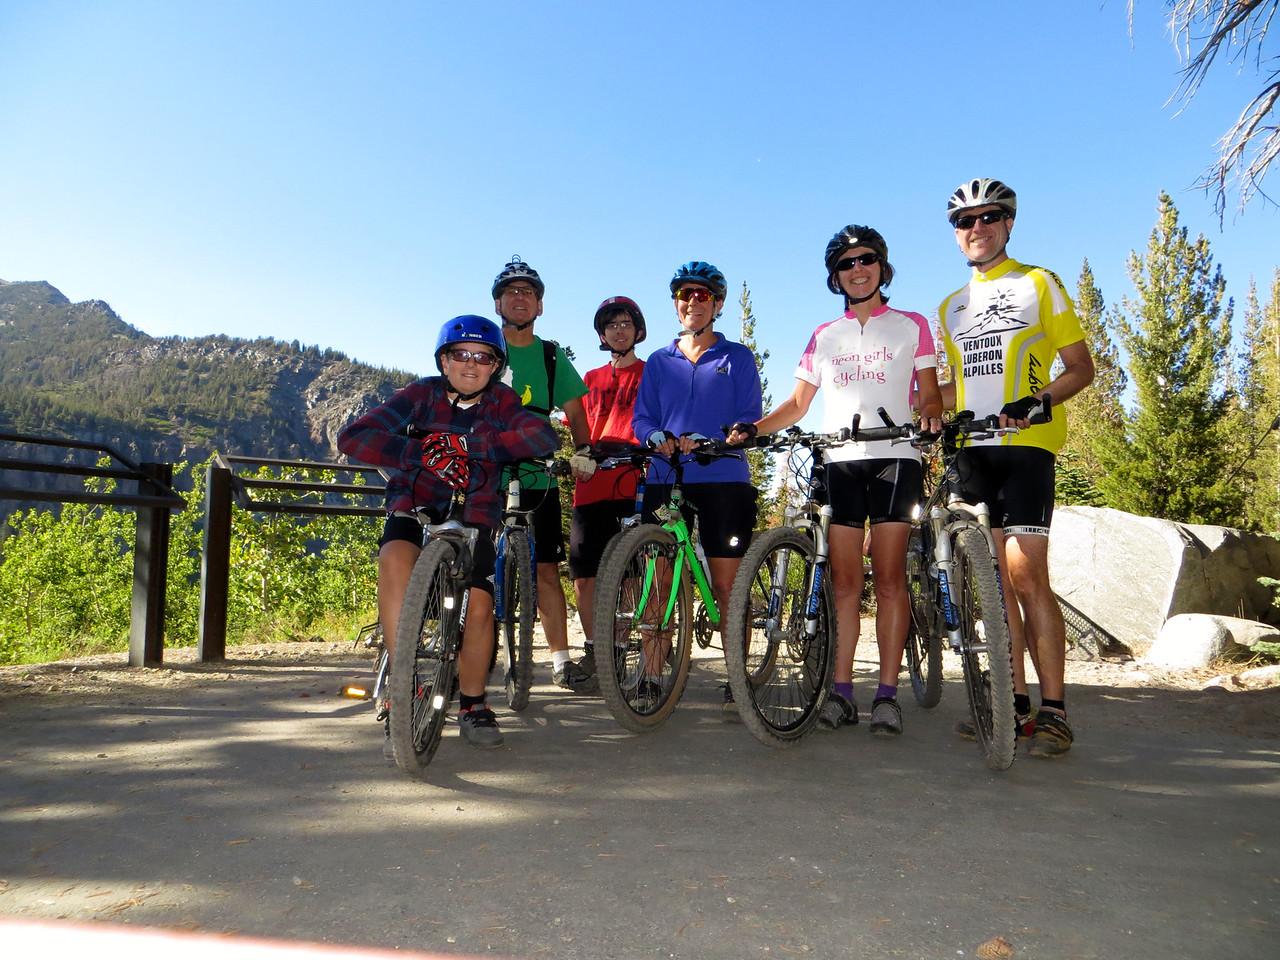 Group photo at Twin Lakes